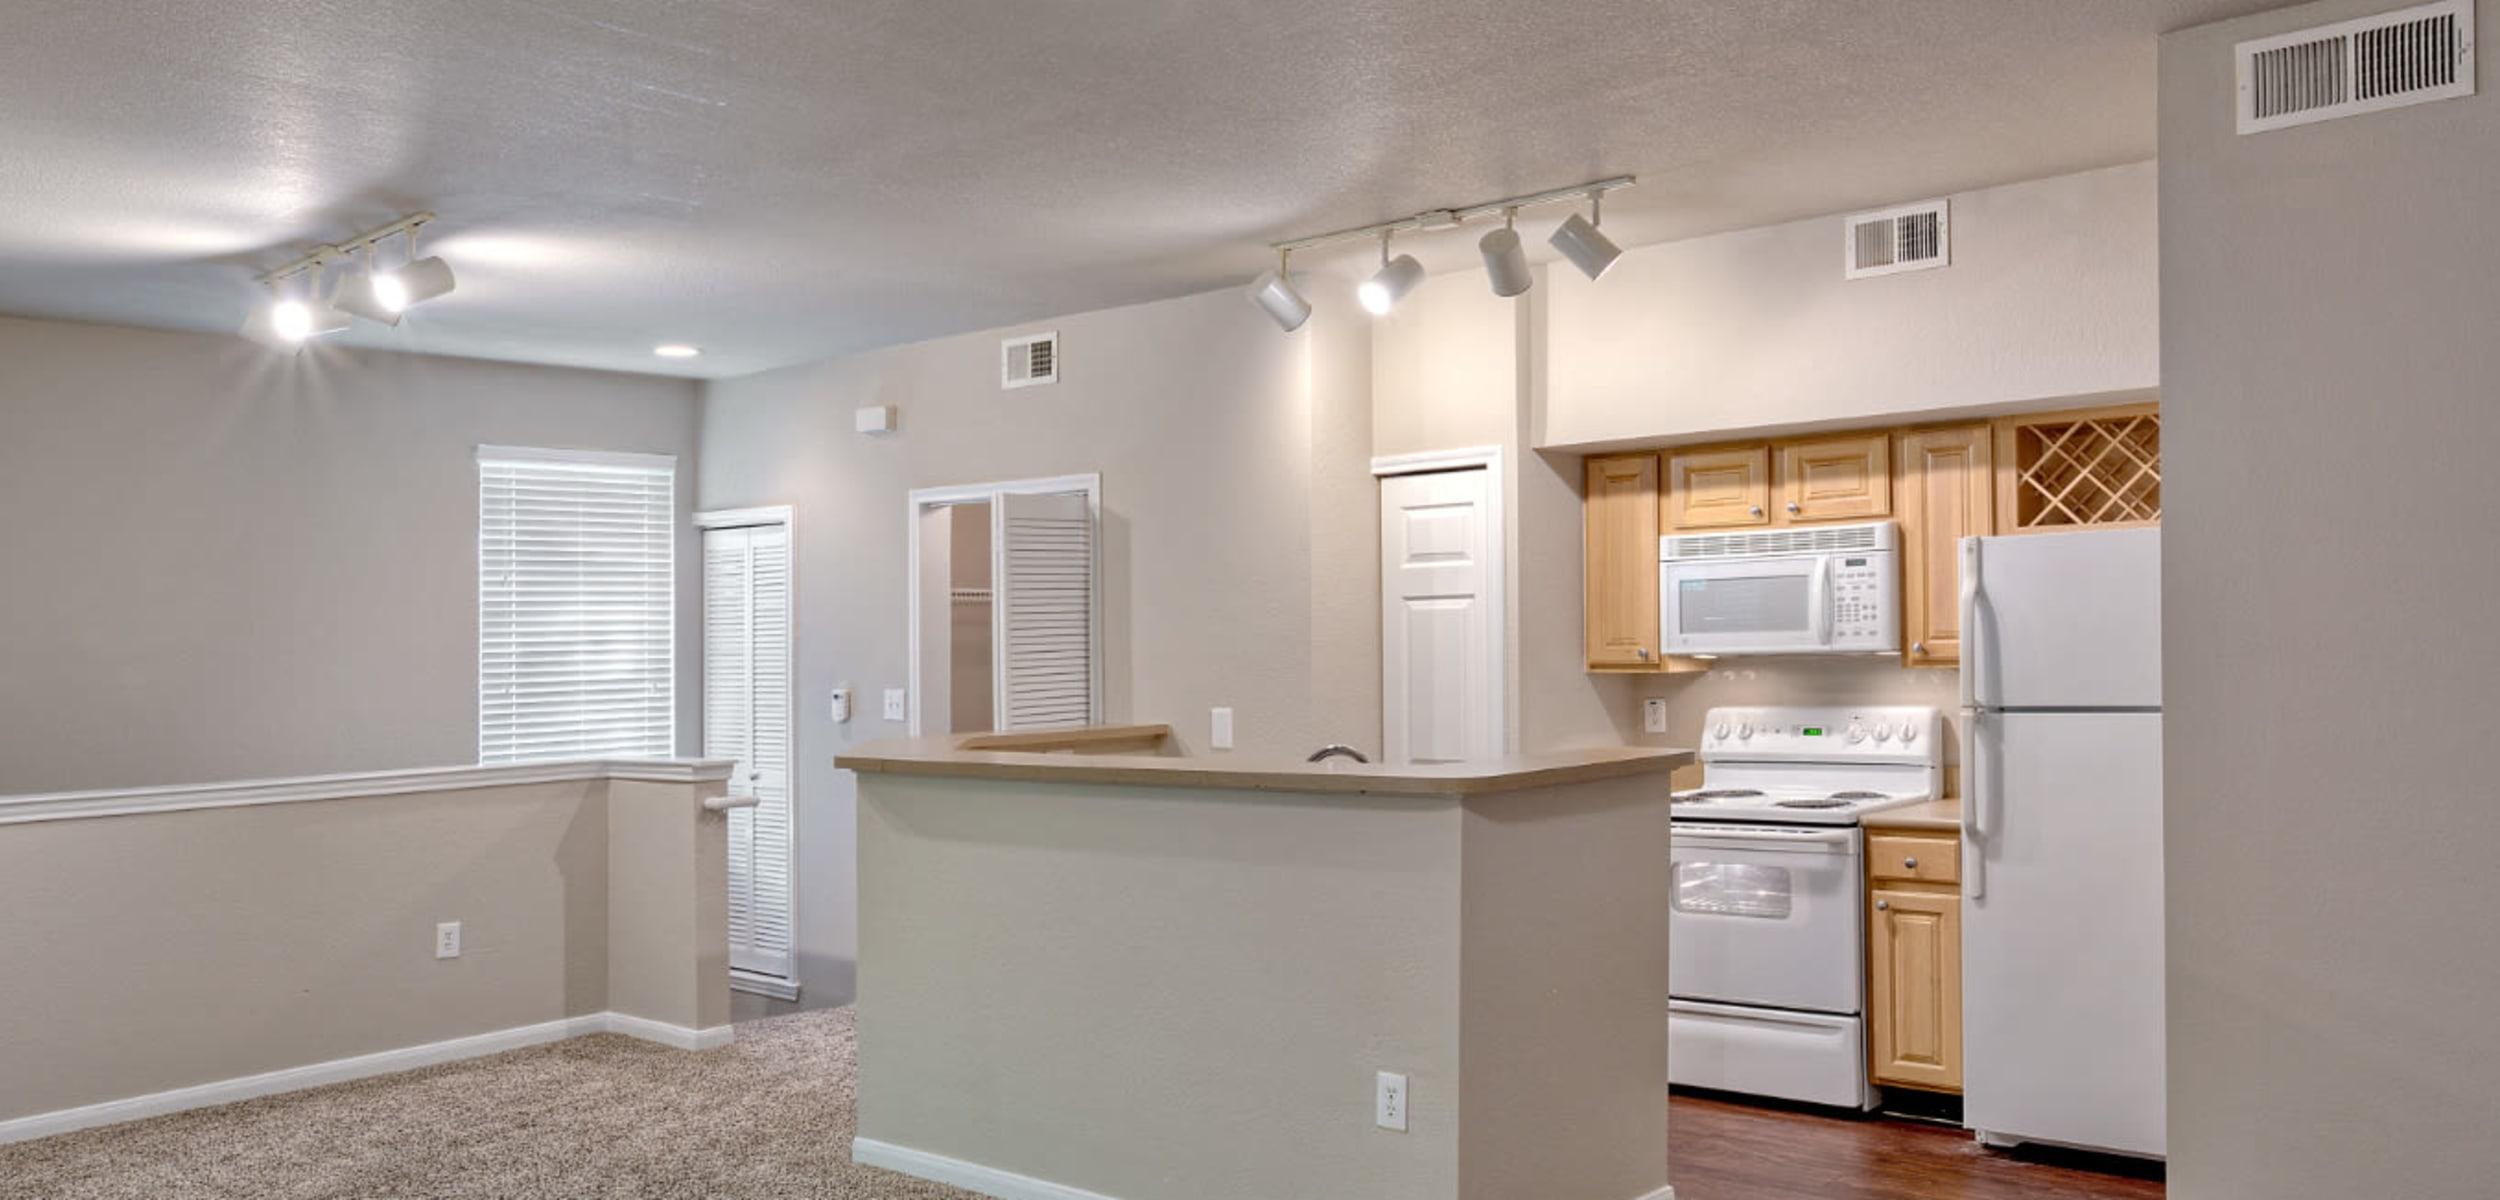 Living space at Marquis Bandera in San Antonio, Texas